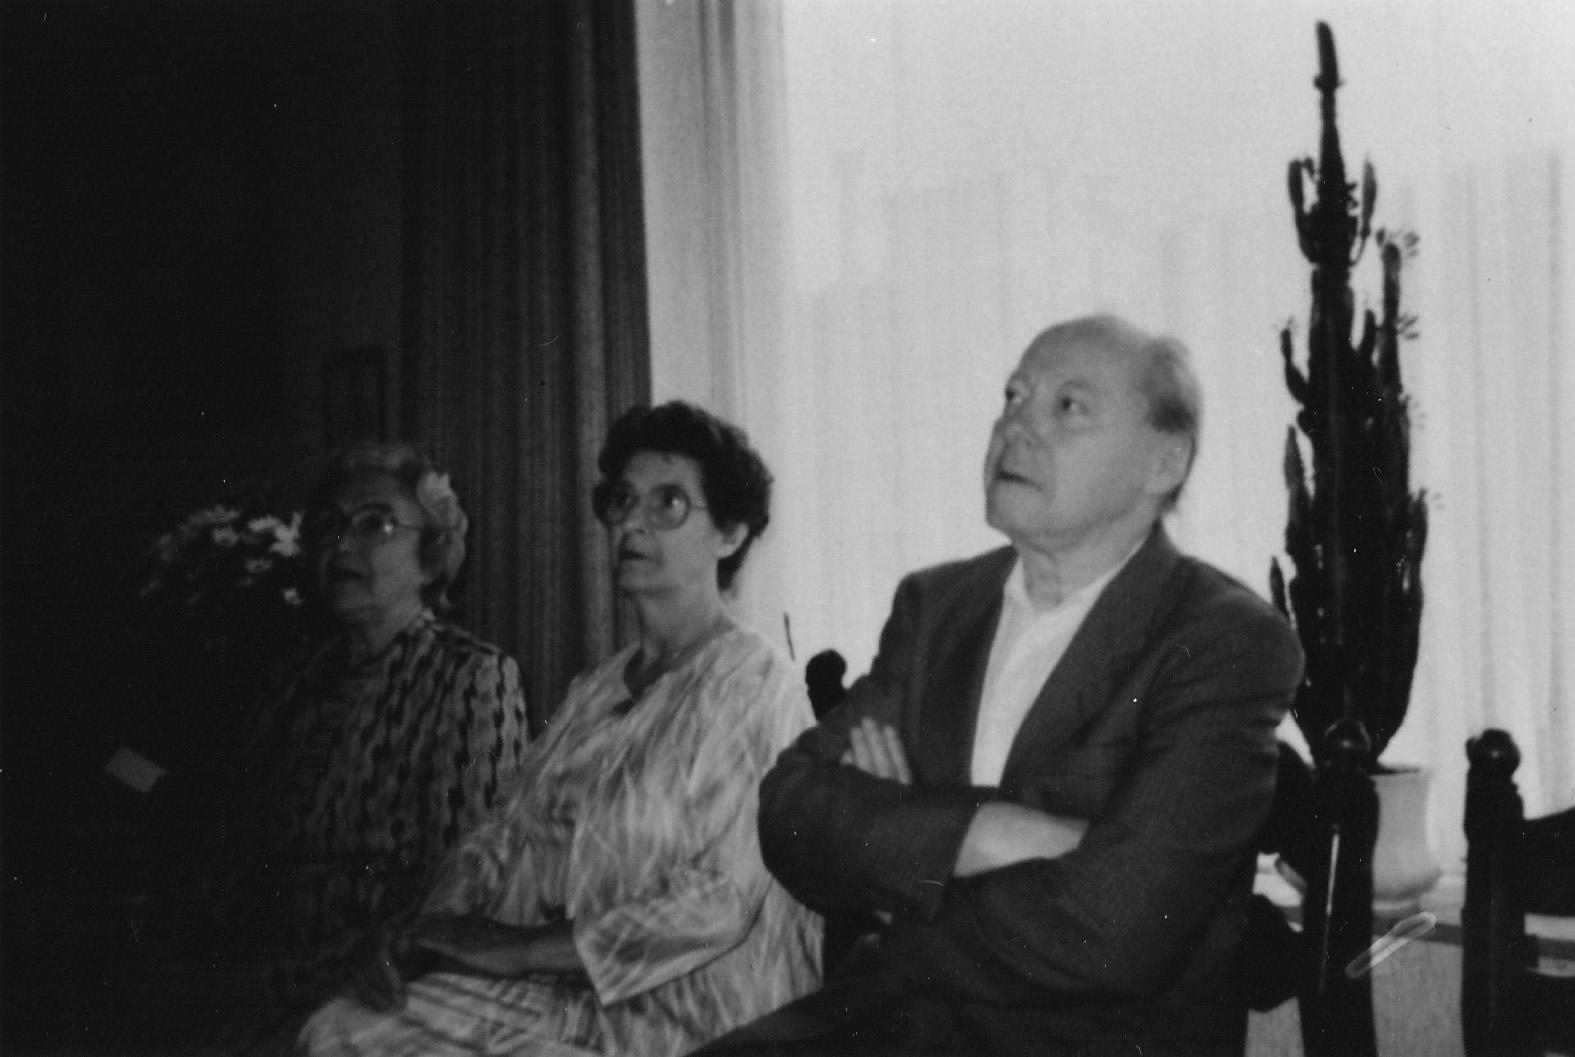 ca1980 Mw Kapteijns, Schoonzus Dien Boselie (X Harrie van den  Donk), Jan van den Donk